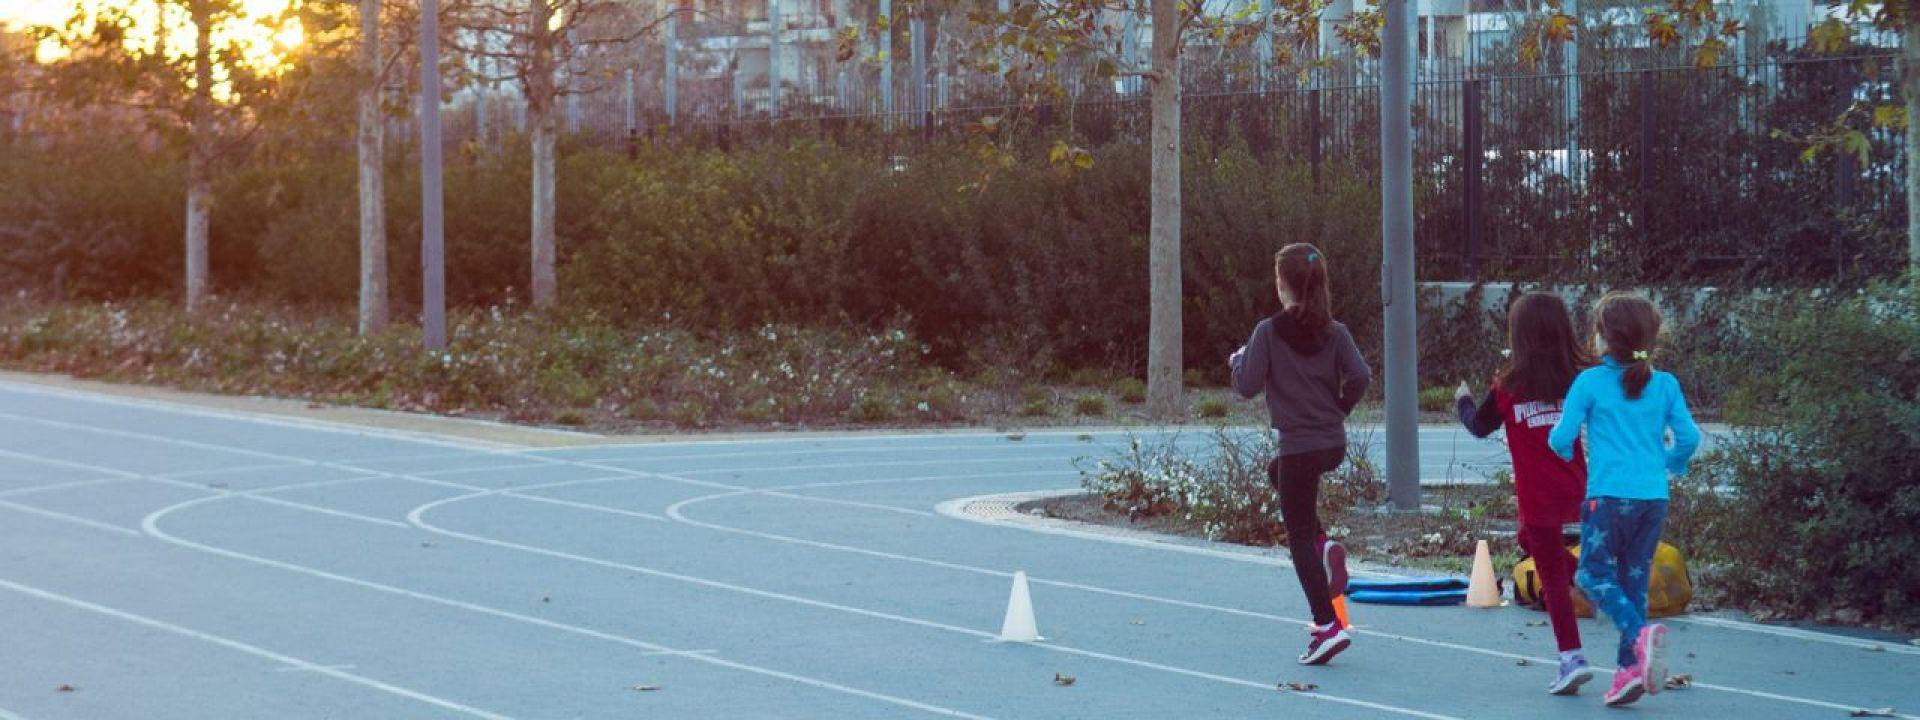 Φωτογραφία από παιδιά που τρέχουν στο ΚΠΙΣΝ